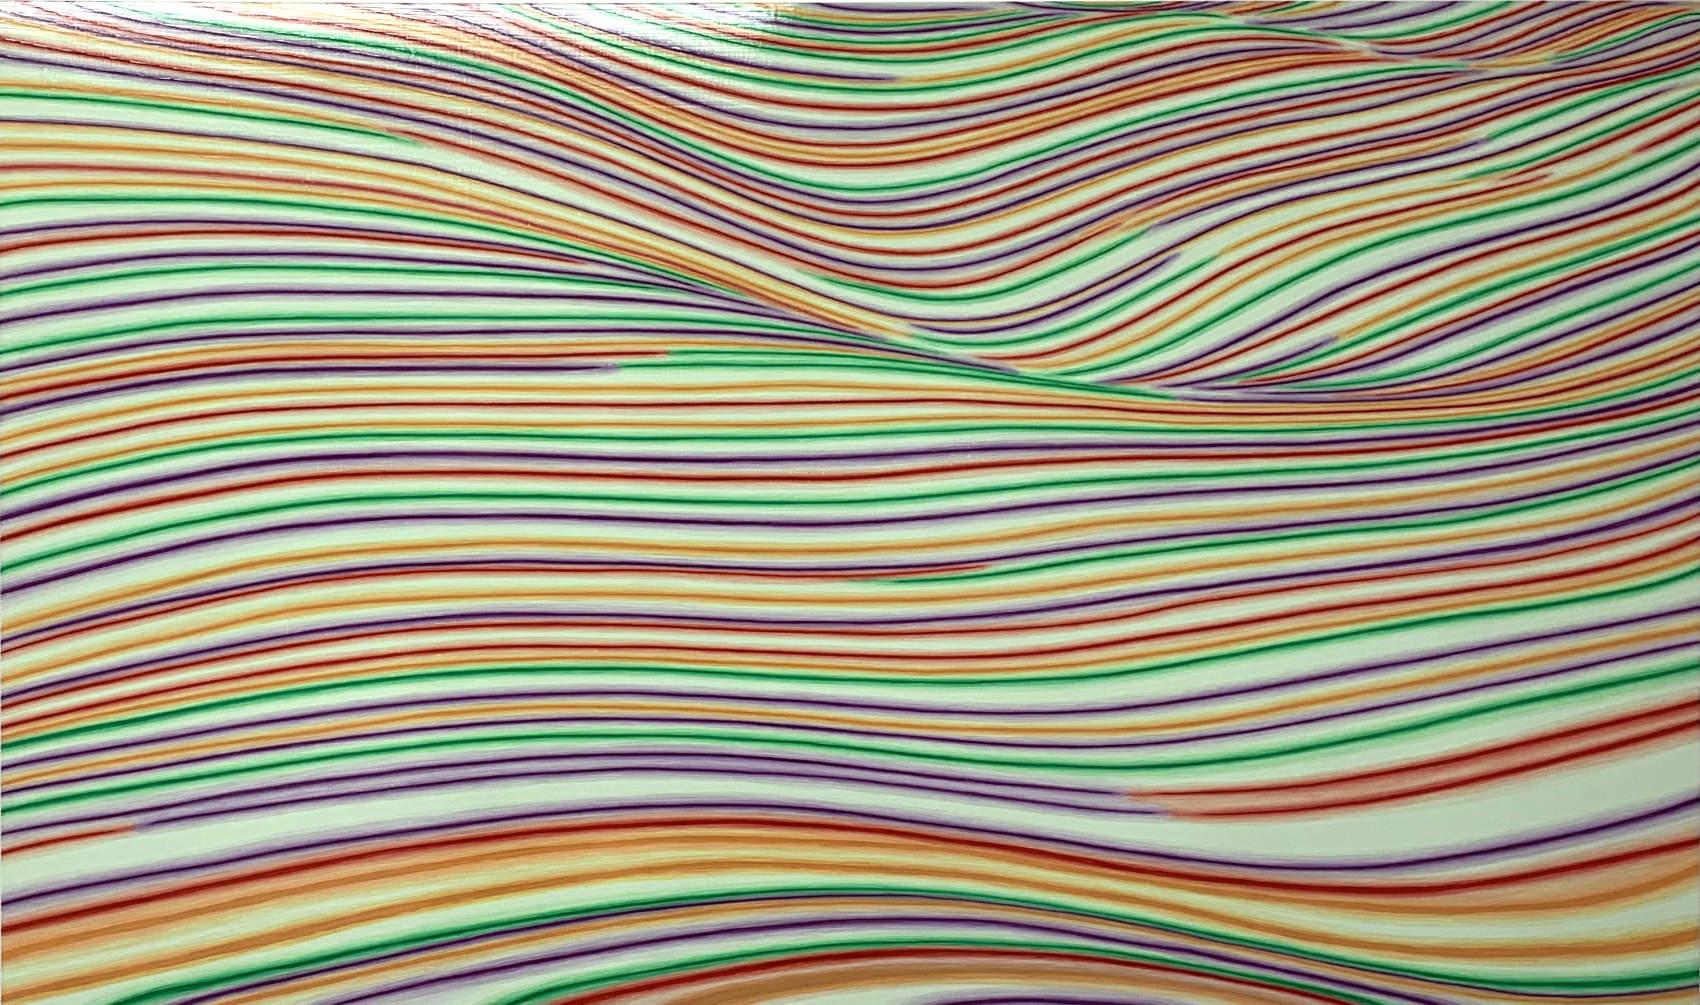 Landslide, 2019, peinture acrylique sur Corapan, 95 x 160 cm